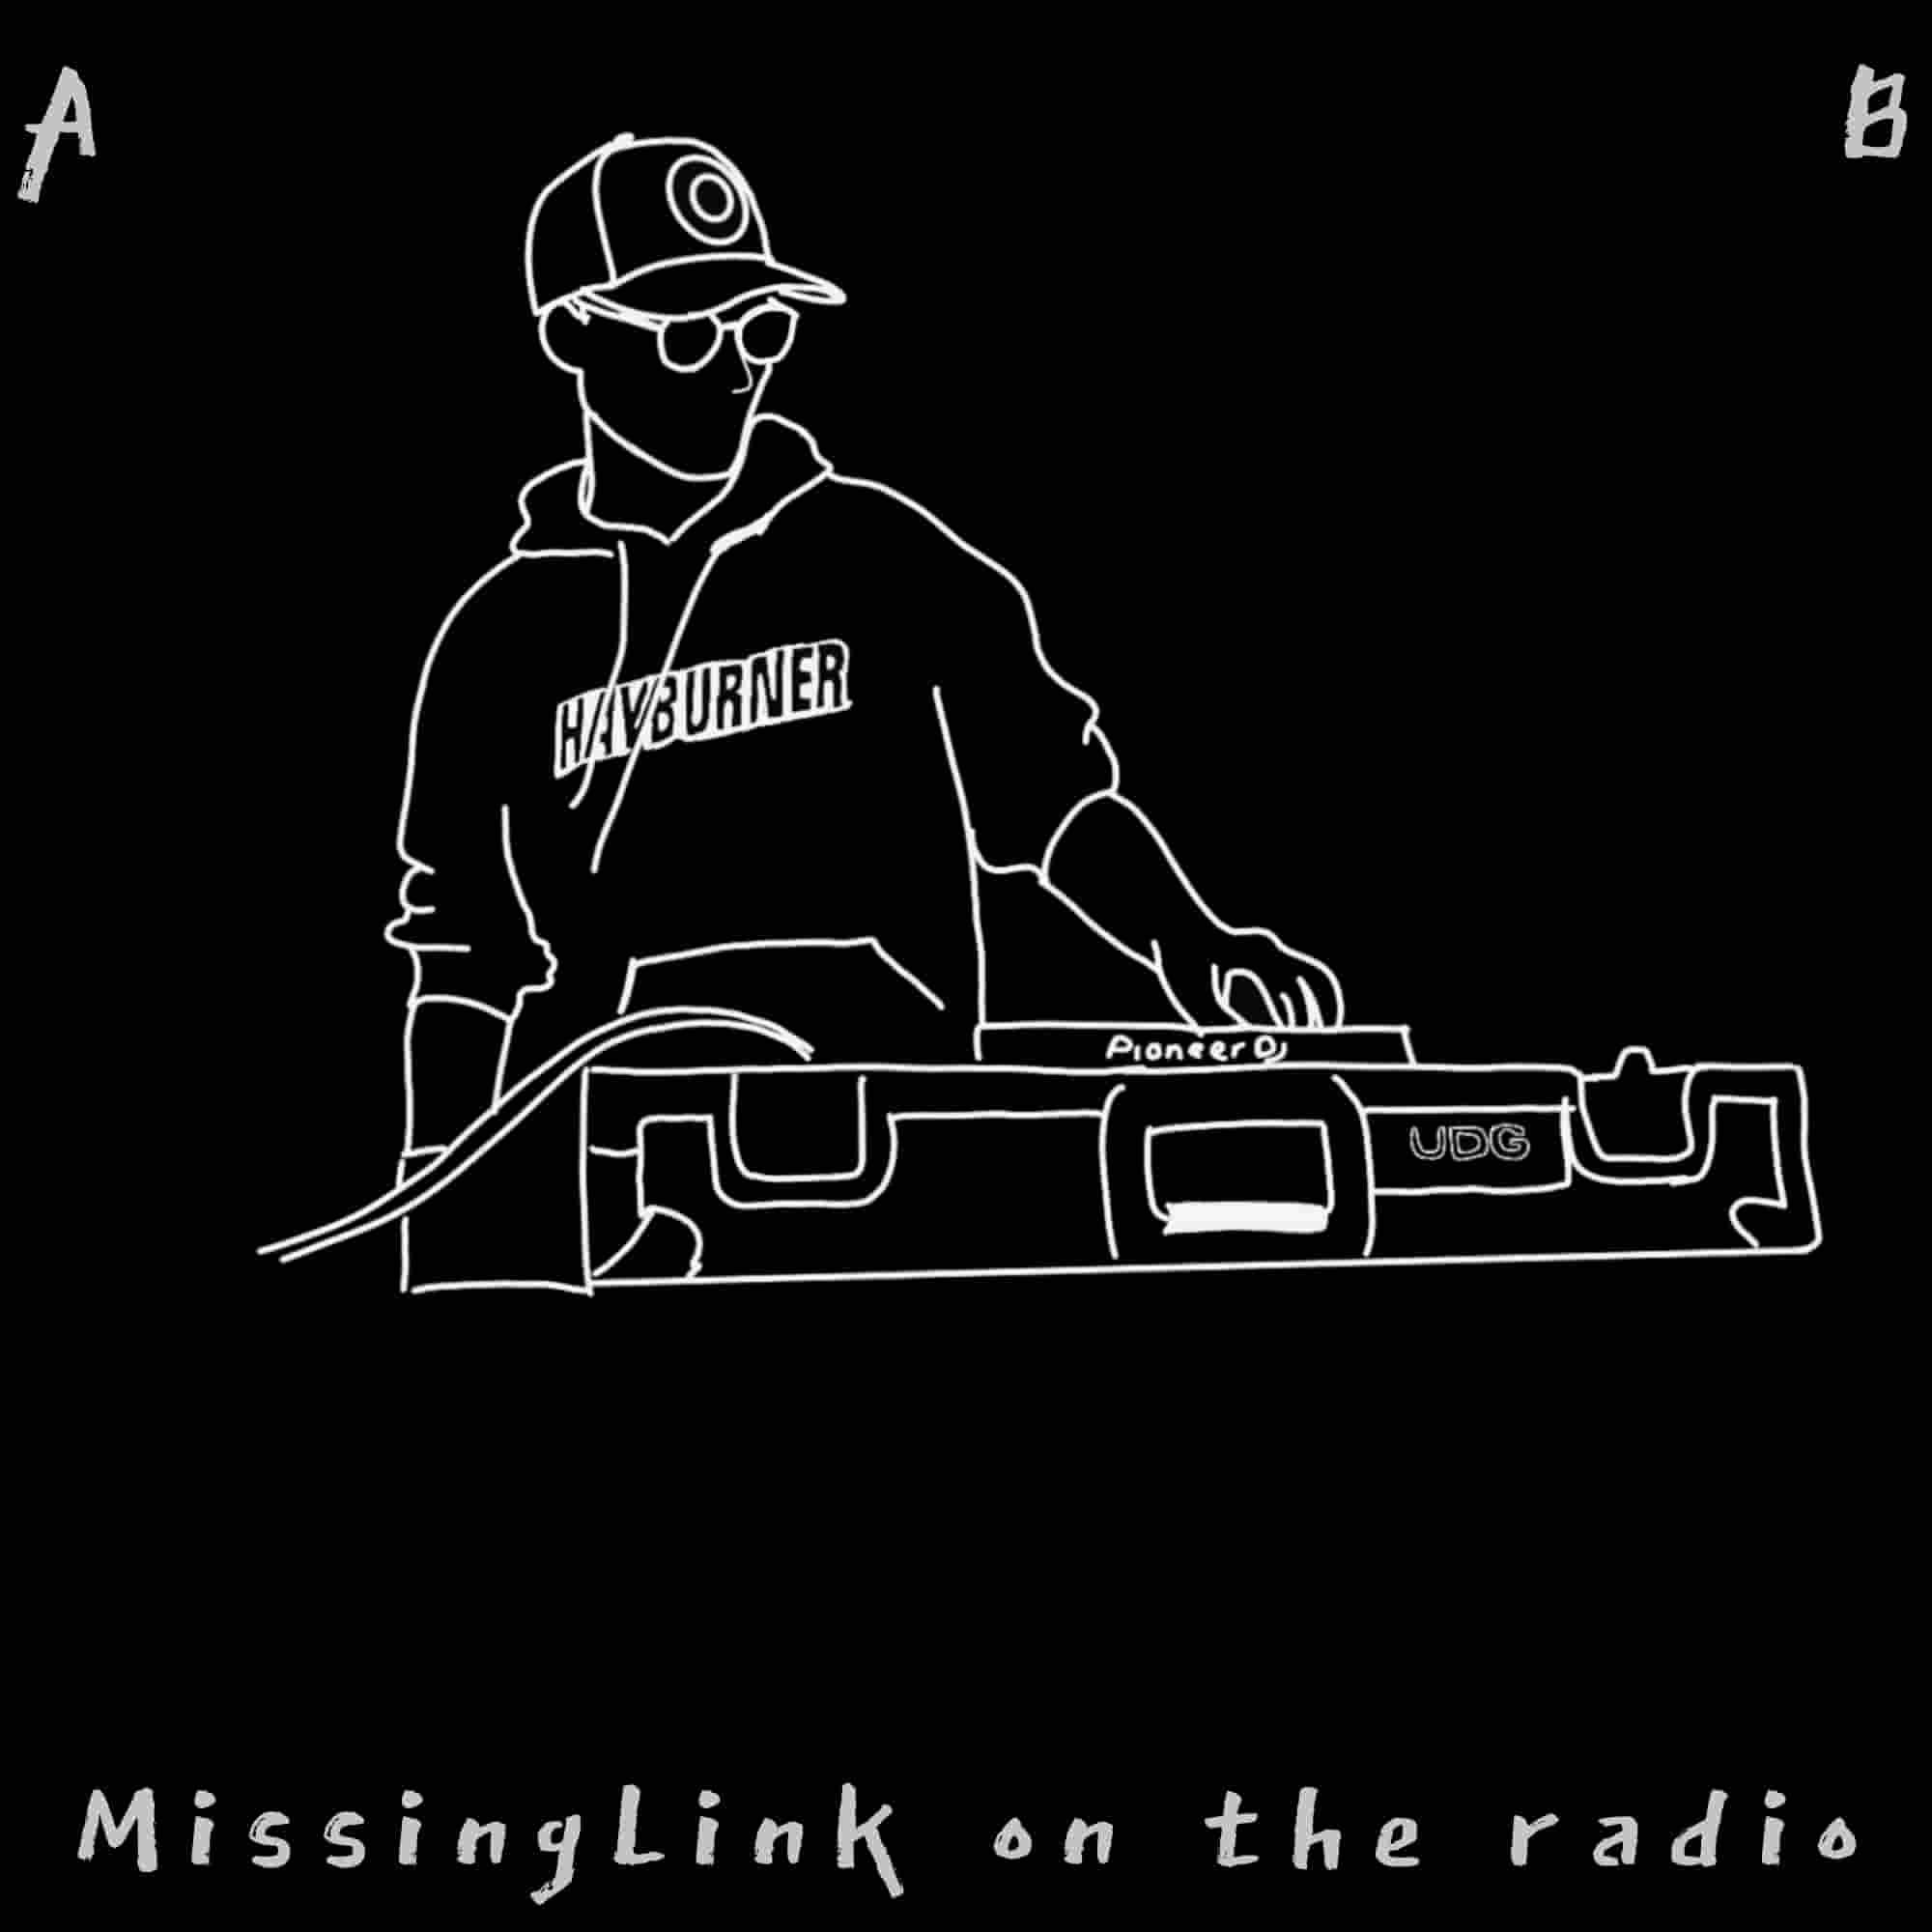 MissingLink on the radio